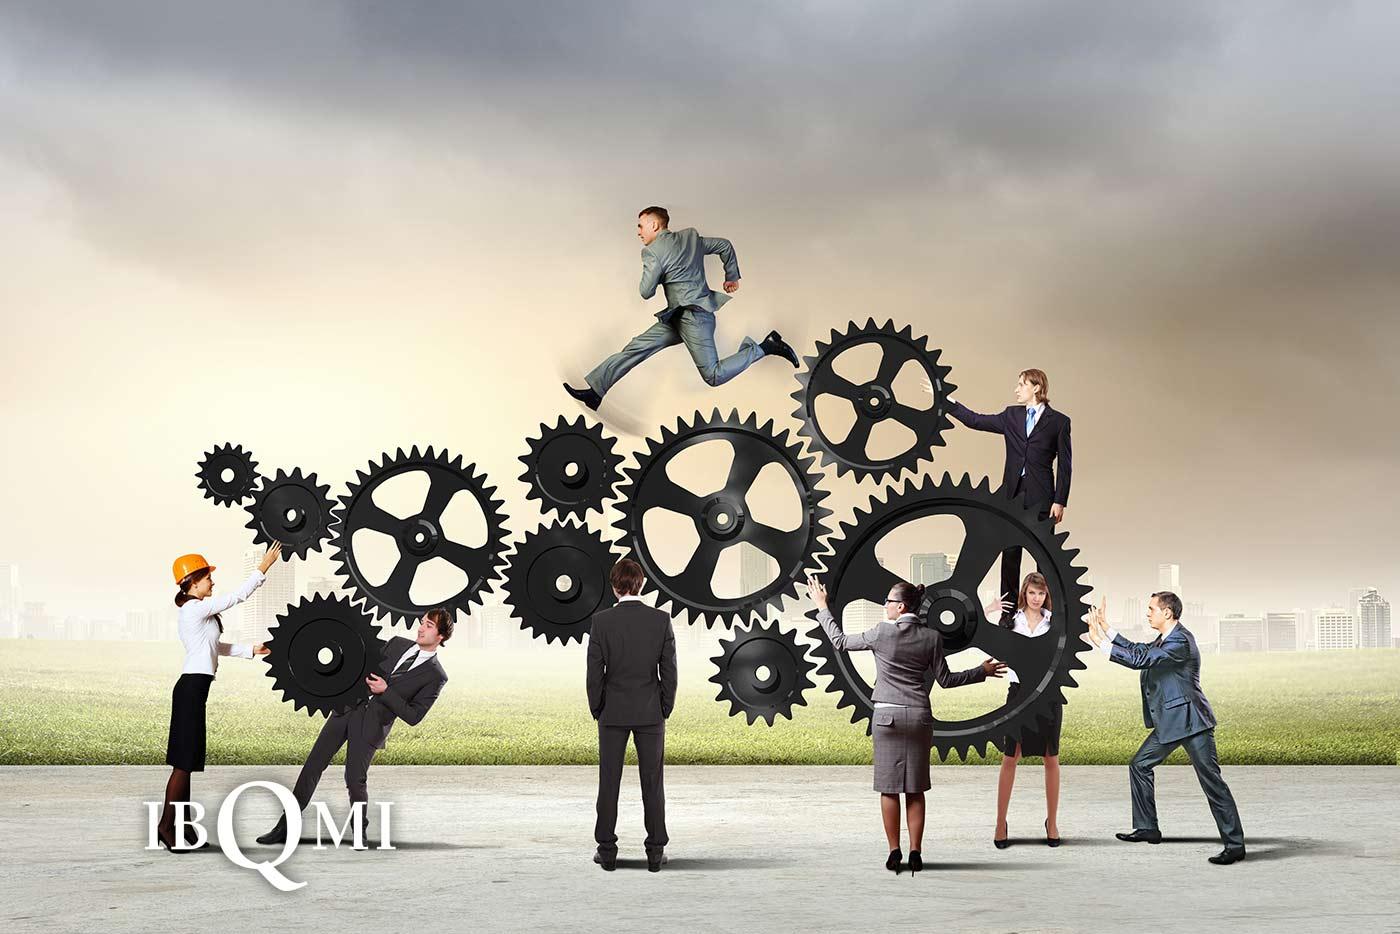 4 key elements that drive project management